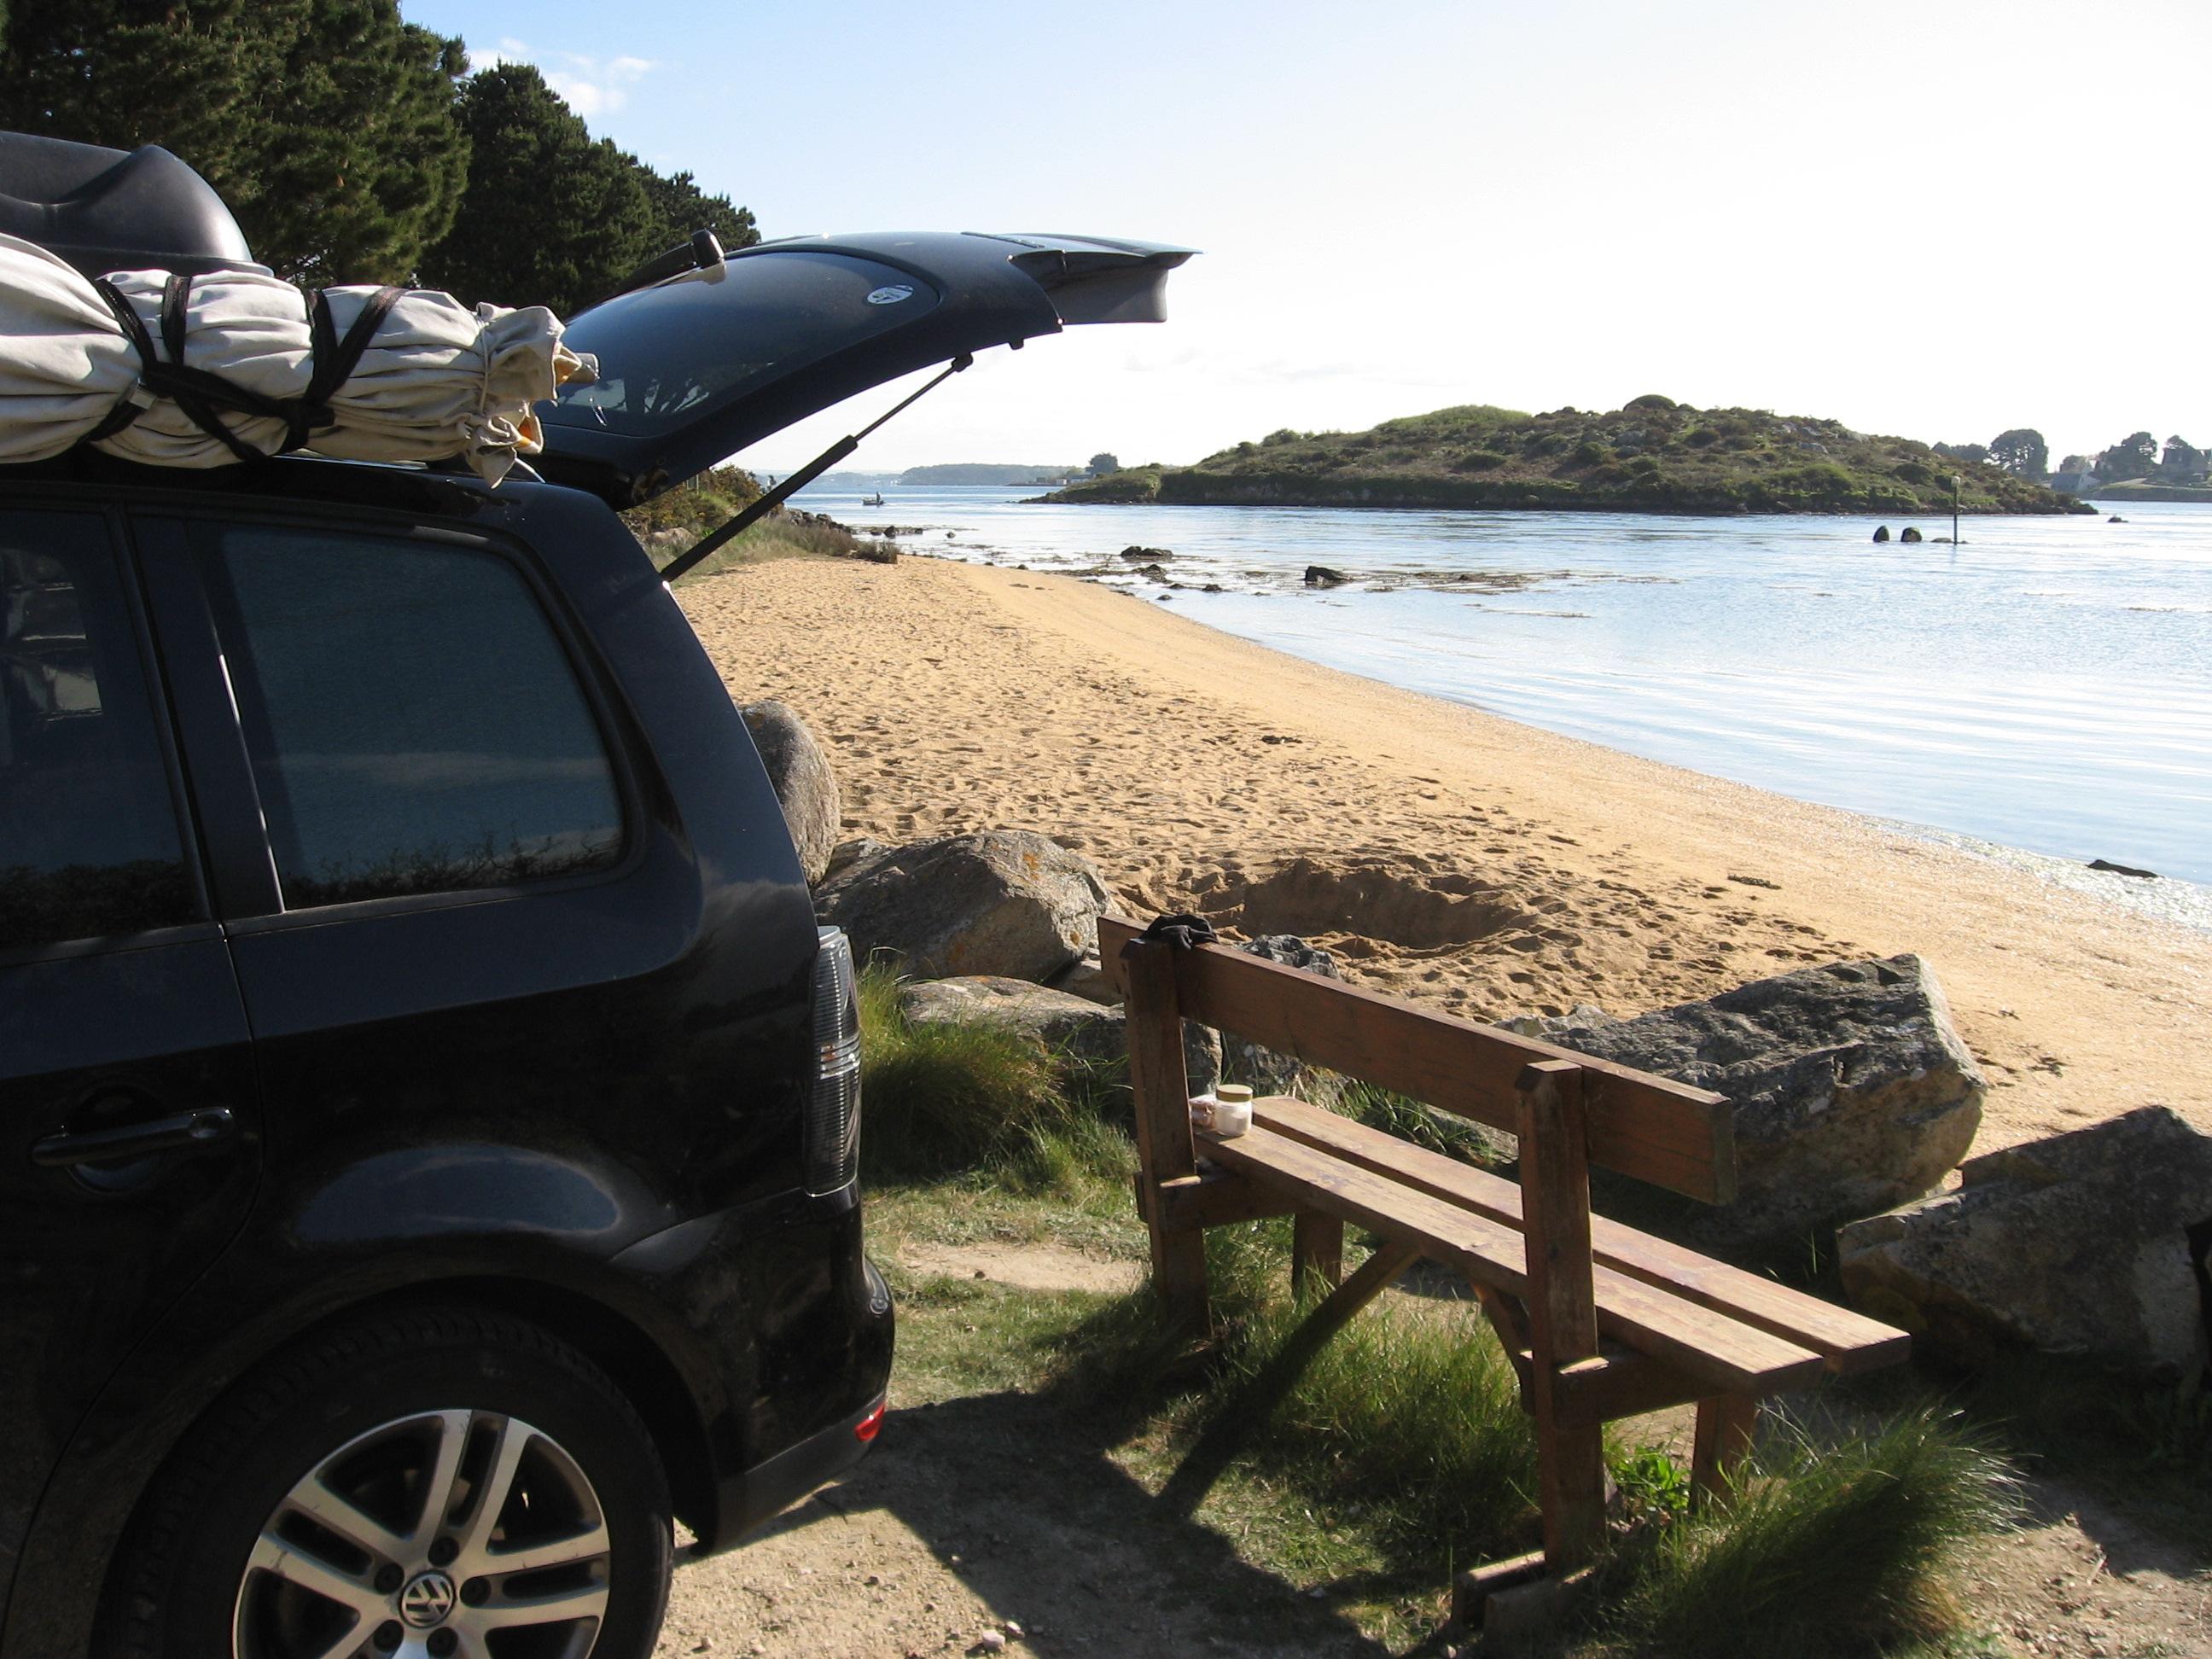 Aménagement pour installer un lit et dormir dans son véhicule : sa voiture , son fourgon, son camion par Nomad-Addict : Le Kit Duo